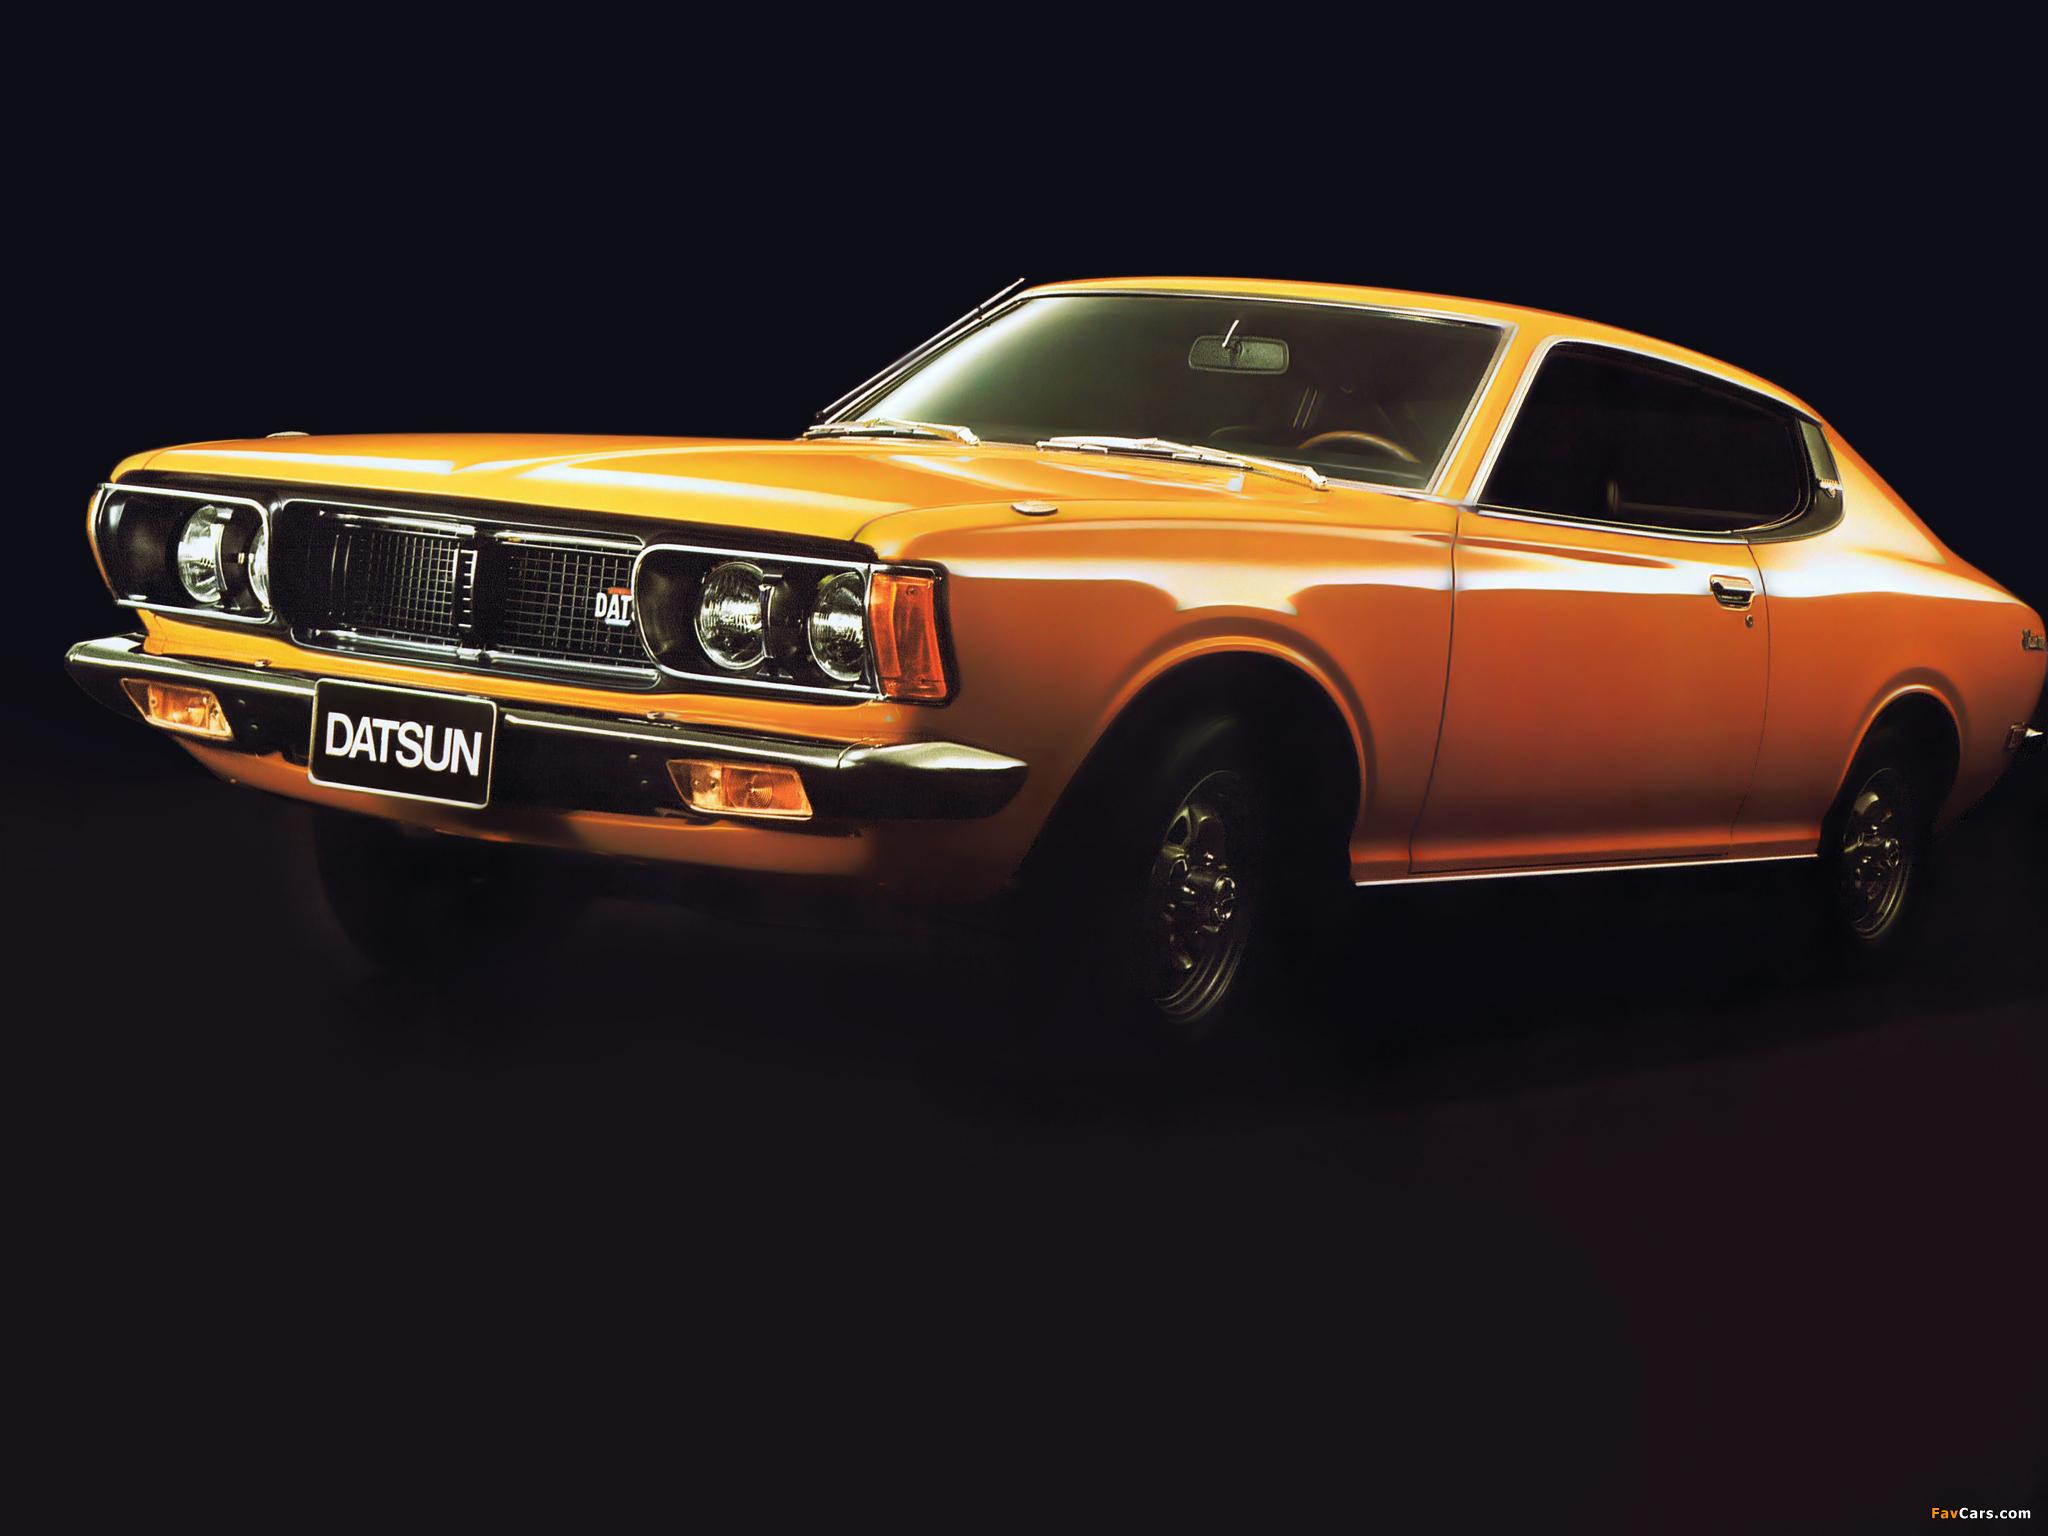 datsun 180b coupe 610 1973 76 photos